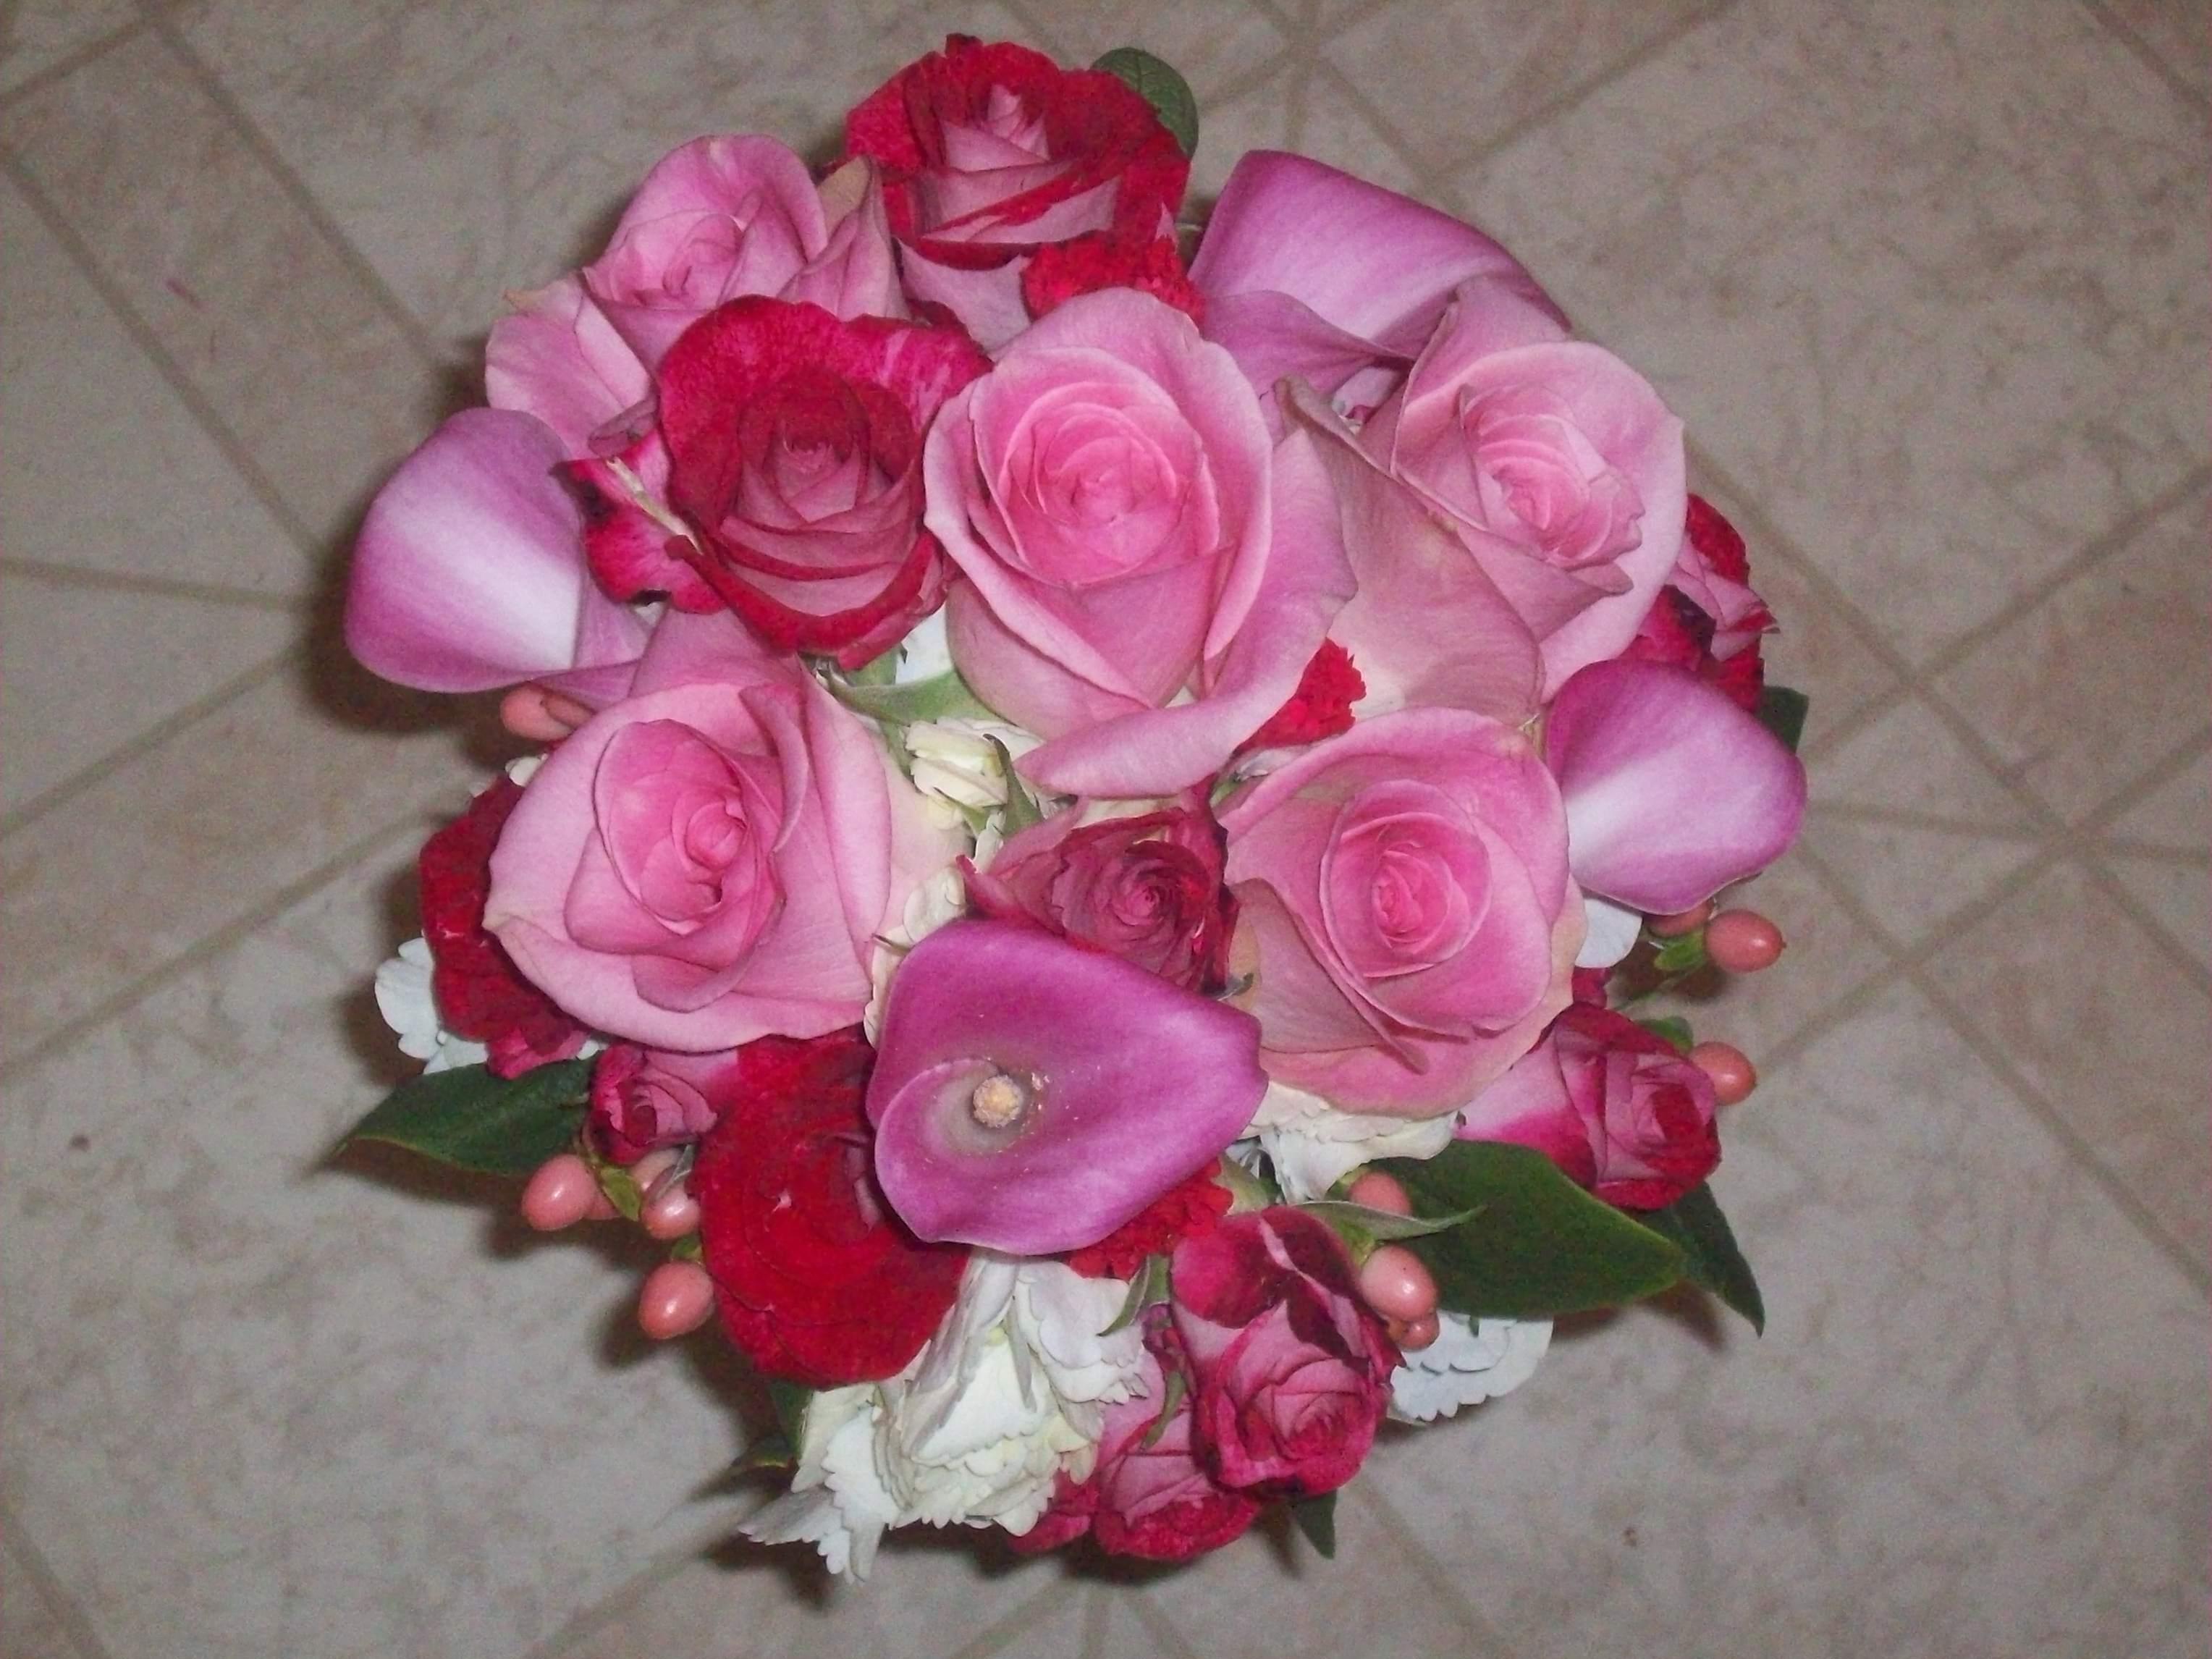 Flowers & Decor, Bridesmaids, Bridesmaids Dresses, Fashion, pink, Bride Bouquets, Bridesmaid Bouquets, Flowers, Bouquet, Flower Wedding Dresses